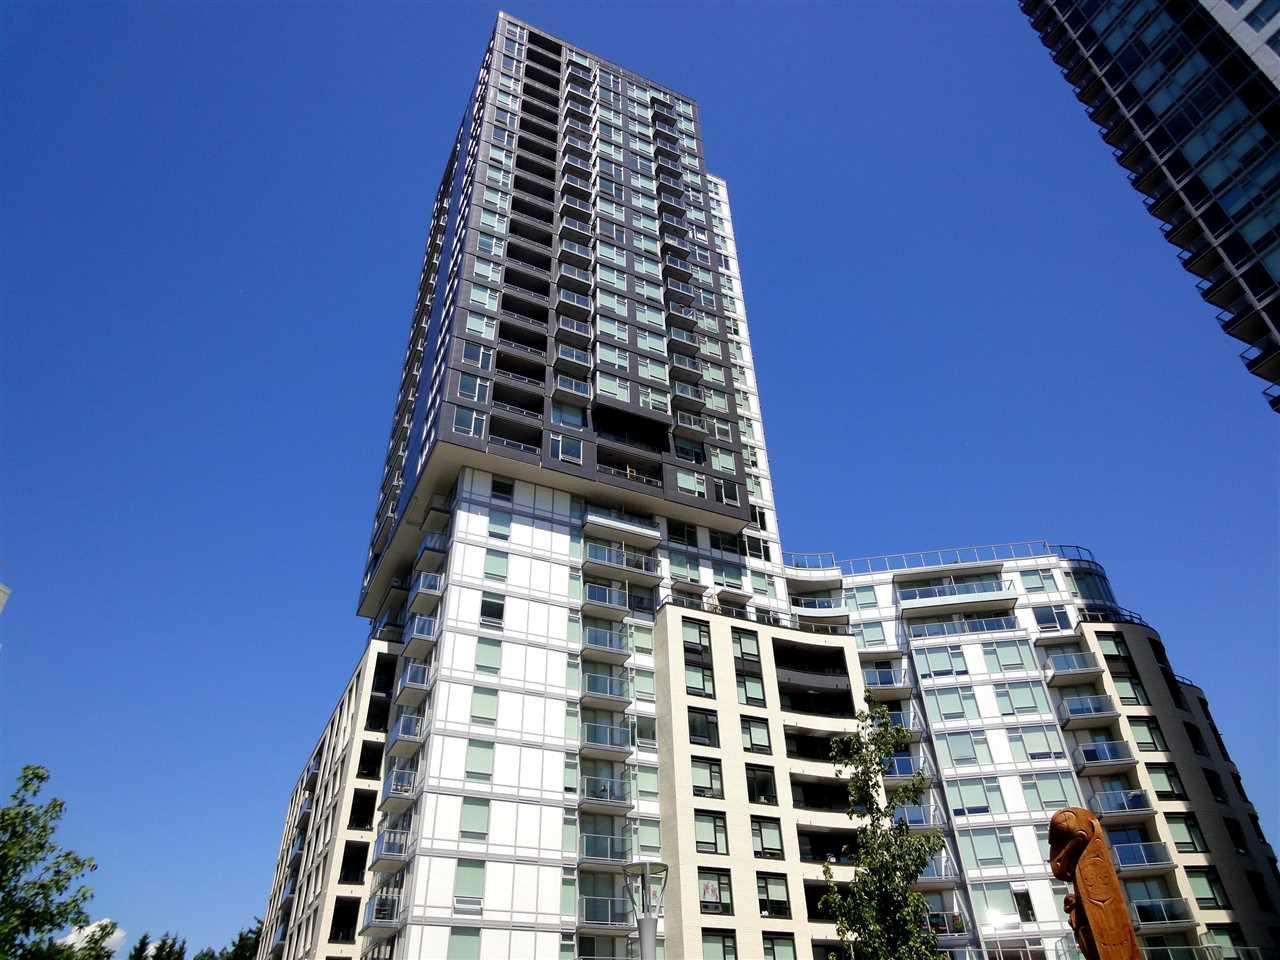 """Main Photo: 2909 5470 ORMIDALE Street in Vancouver: Collingwood VE Condo for sale in """"Collingwood VE"""" (Vancouver East)  : MLS®# R2394376"""